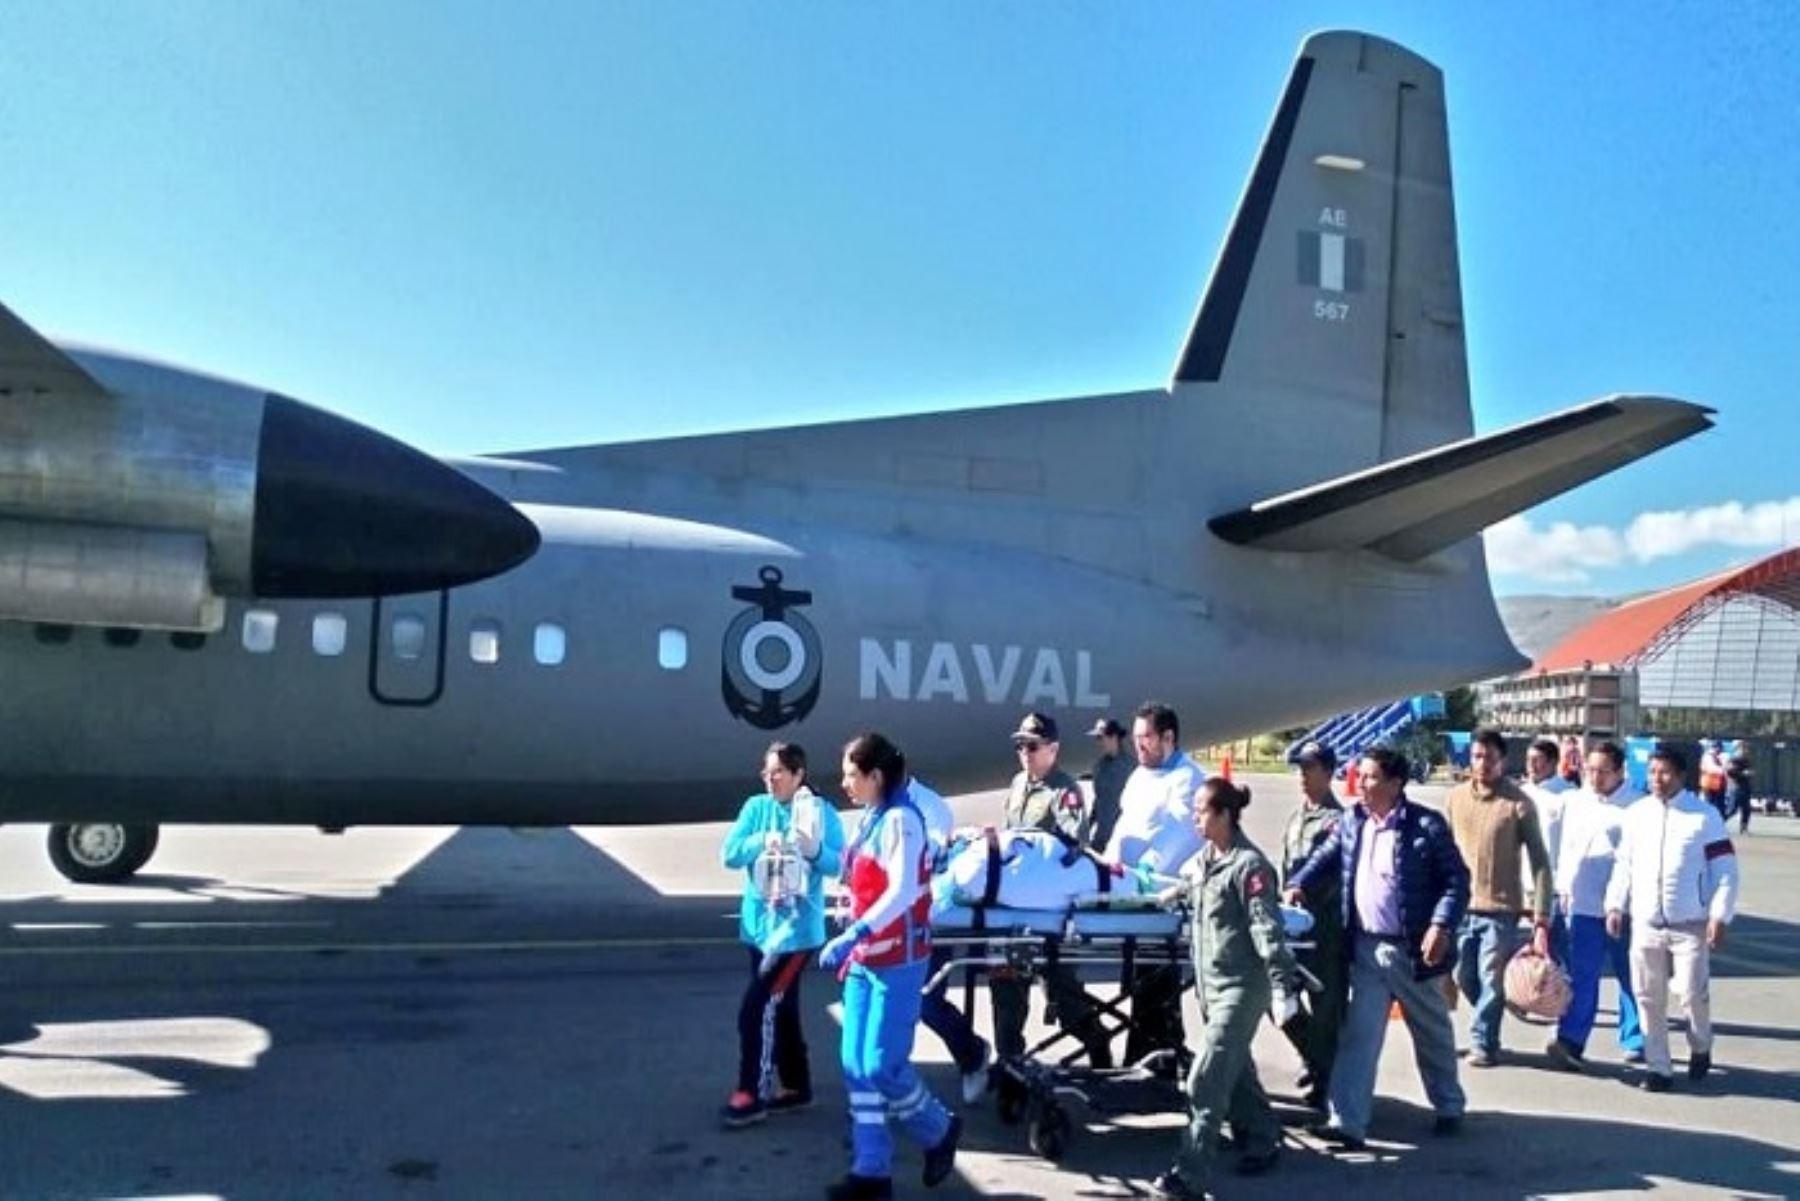 Por disposición del Ministerio de Defensa, la Marina de Guerra del Perú dispuso el inmediato desplazamiento de una aeronave Fokker 50 de la Fuerza de Aviación Naval para efectuar la evacuación aeromédica de la señora Manuela Anyaipoma. (34), quien sufrió una hemorragia interna tras ser sometida a una cesárea.